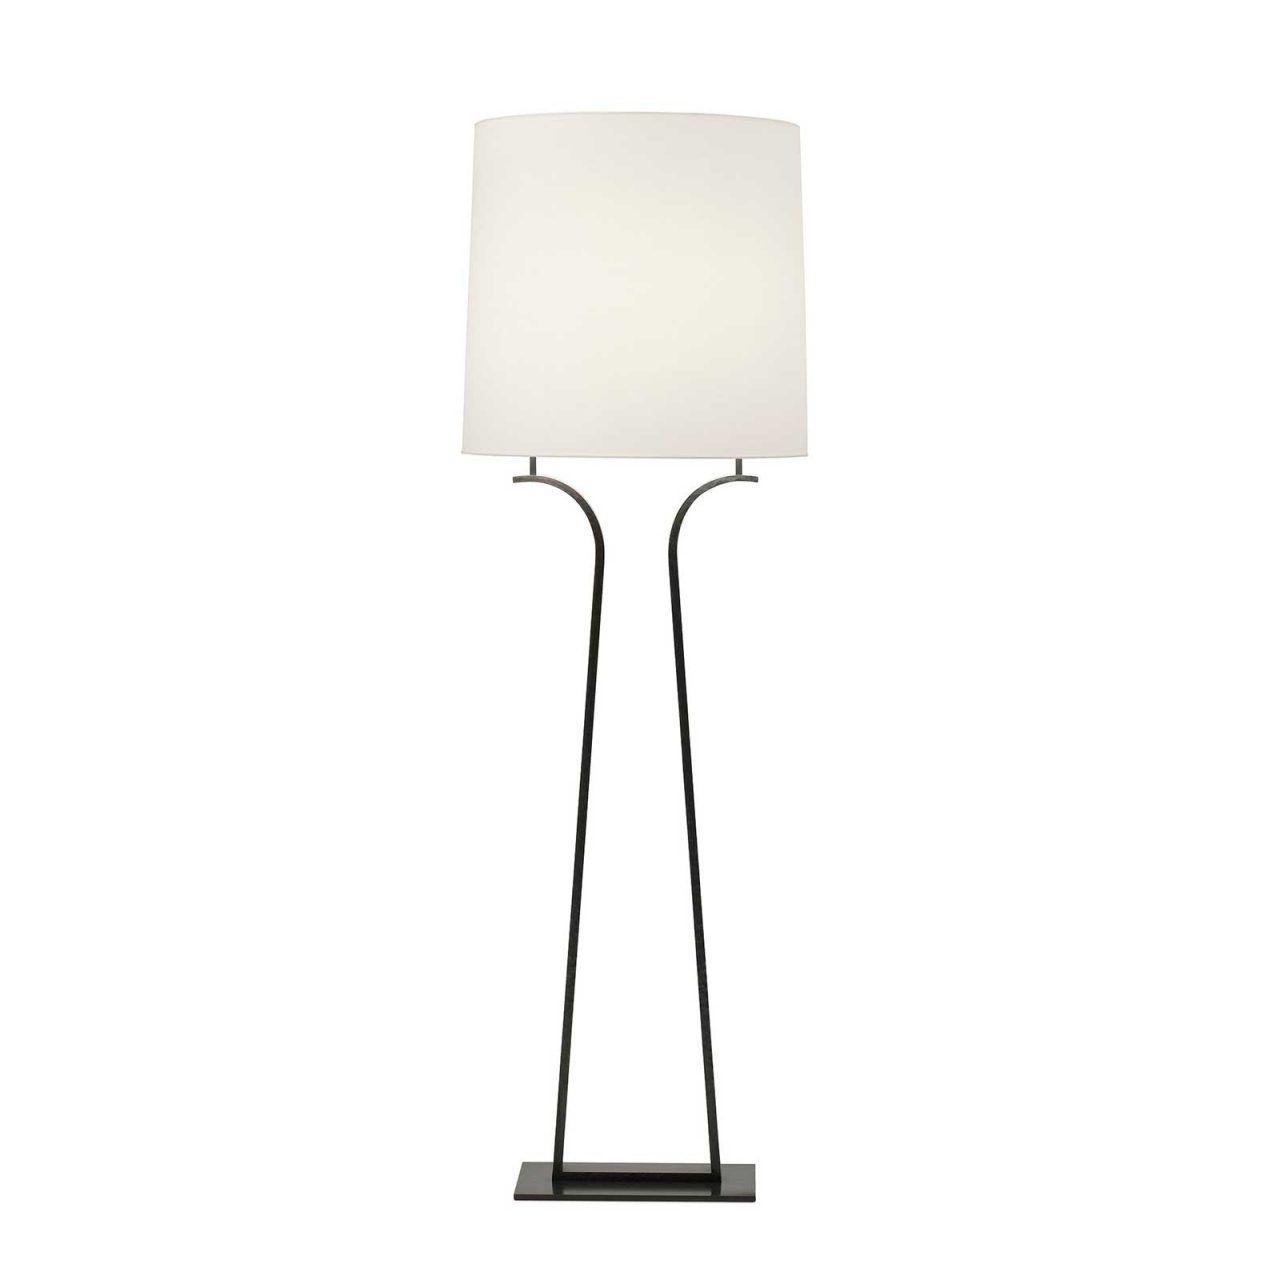 Floor Lamps Liaigre In 2019 Floor Lamp Lighting Lamp